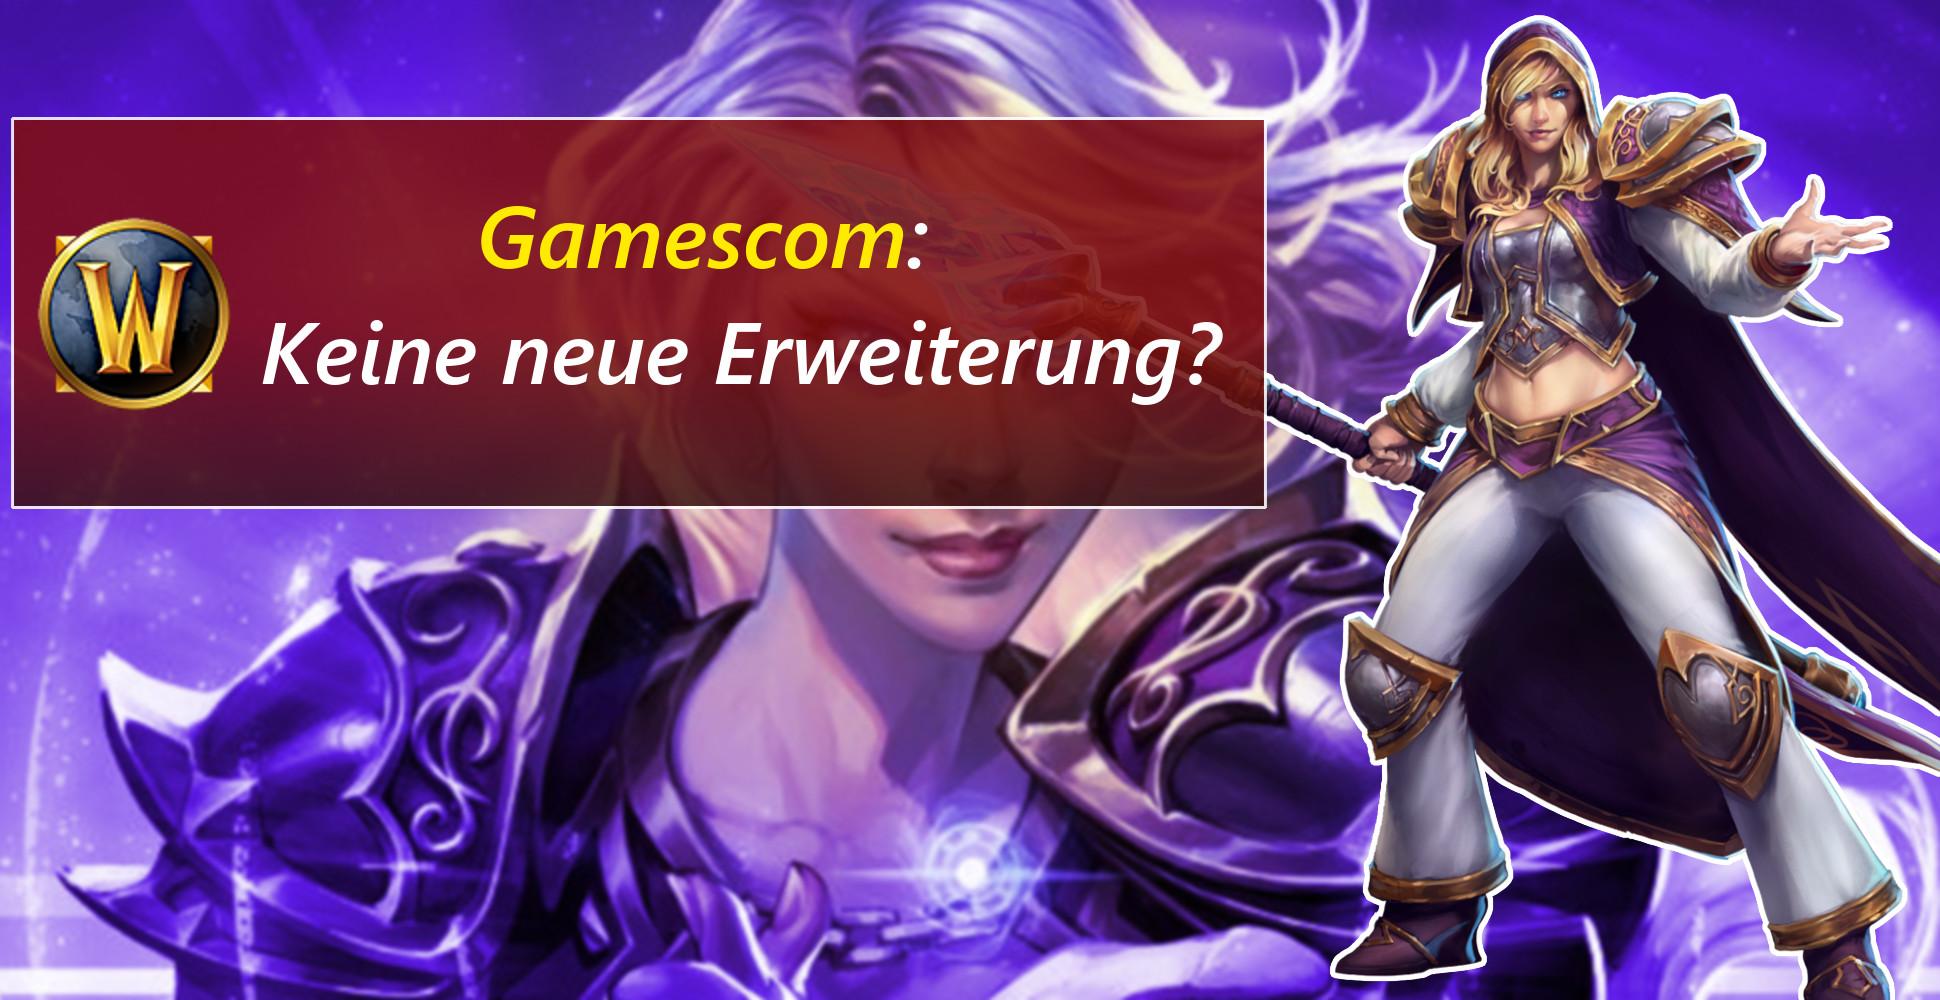 WoW: Maue Gamescom – Es wird wohl kein neues Addon angekündigt